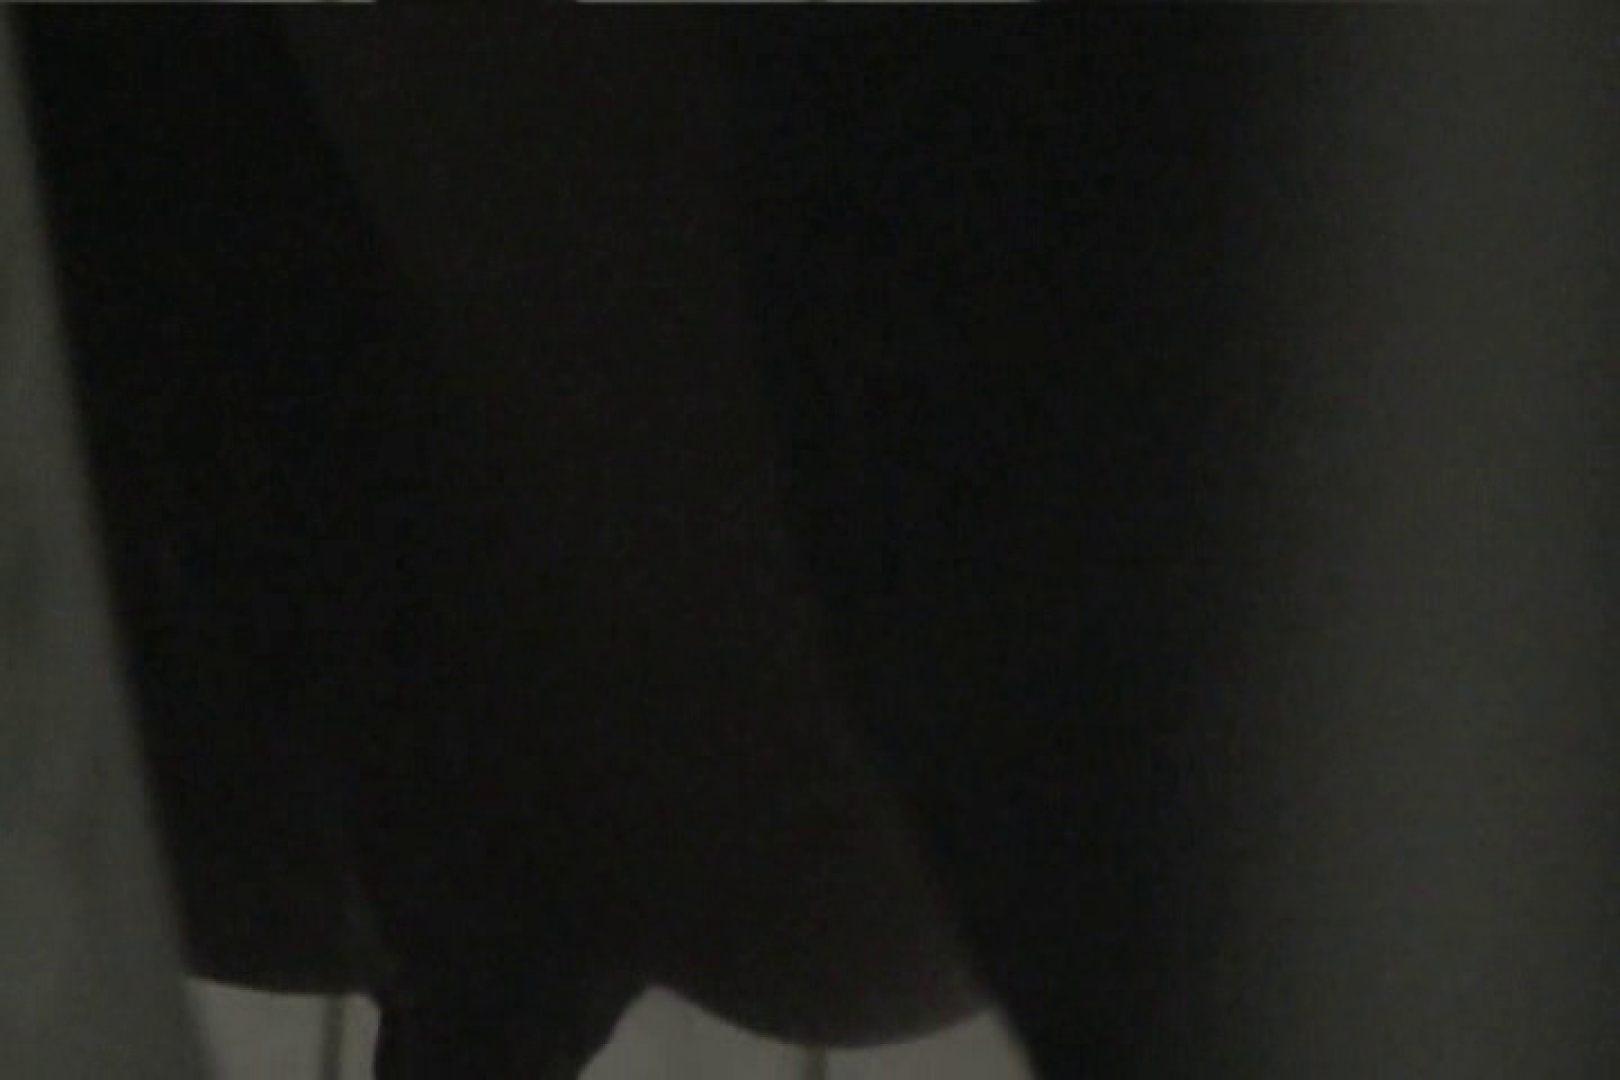 マンコ丸見え女子洗面所Vol.22 マンコ 戯れ無修正画像 27pic 14